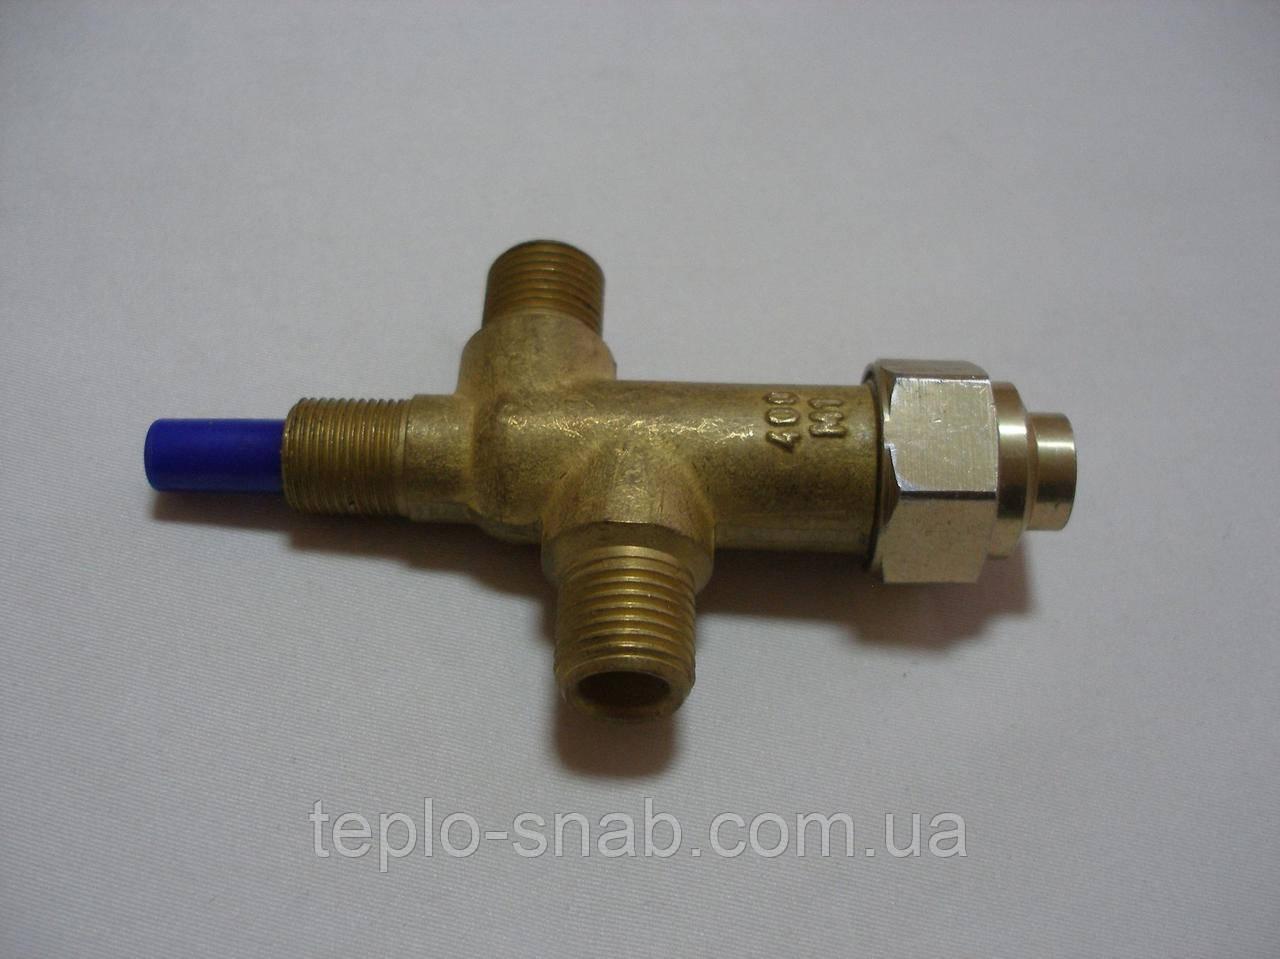 Газовый клапан 420 B3 термостатический - .0.420.003